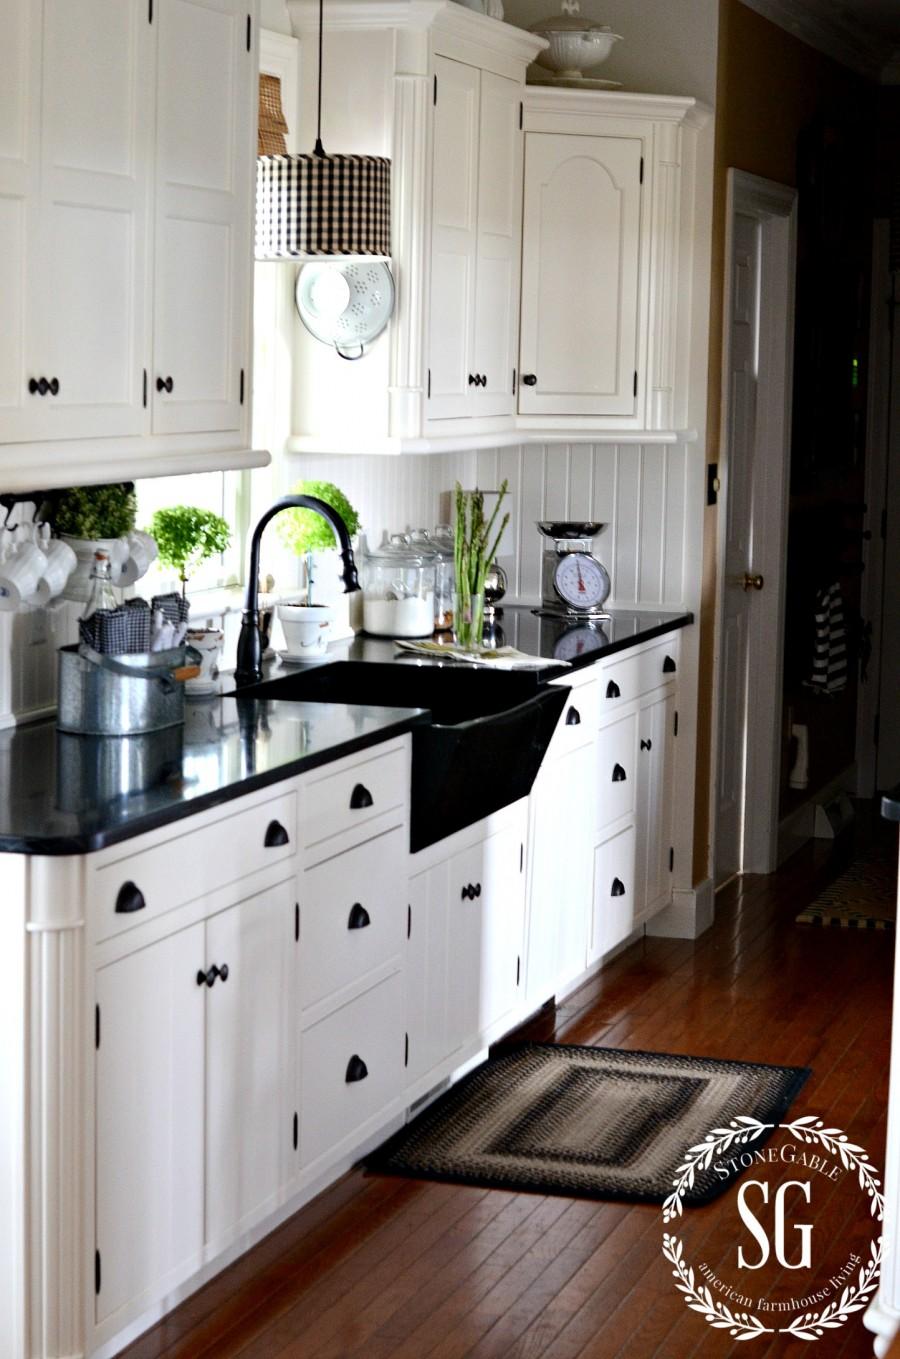 stonegable on pinterest white dishes farmhouse kitchens and continental breakfast on farmhouse kitchen kitchen id=41458